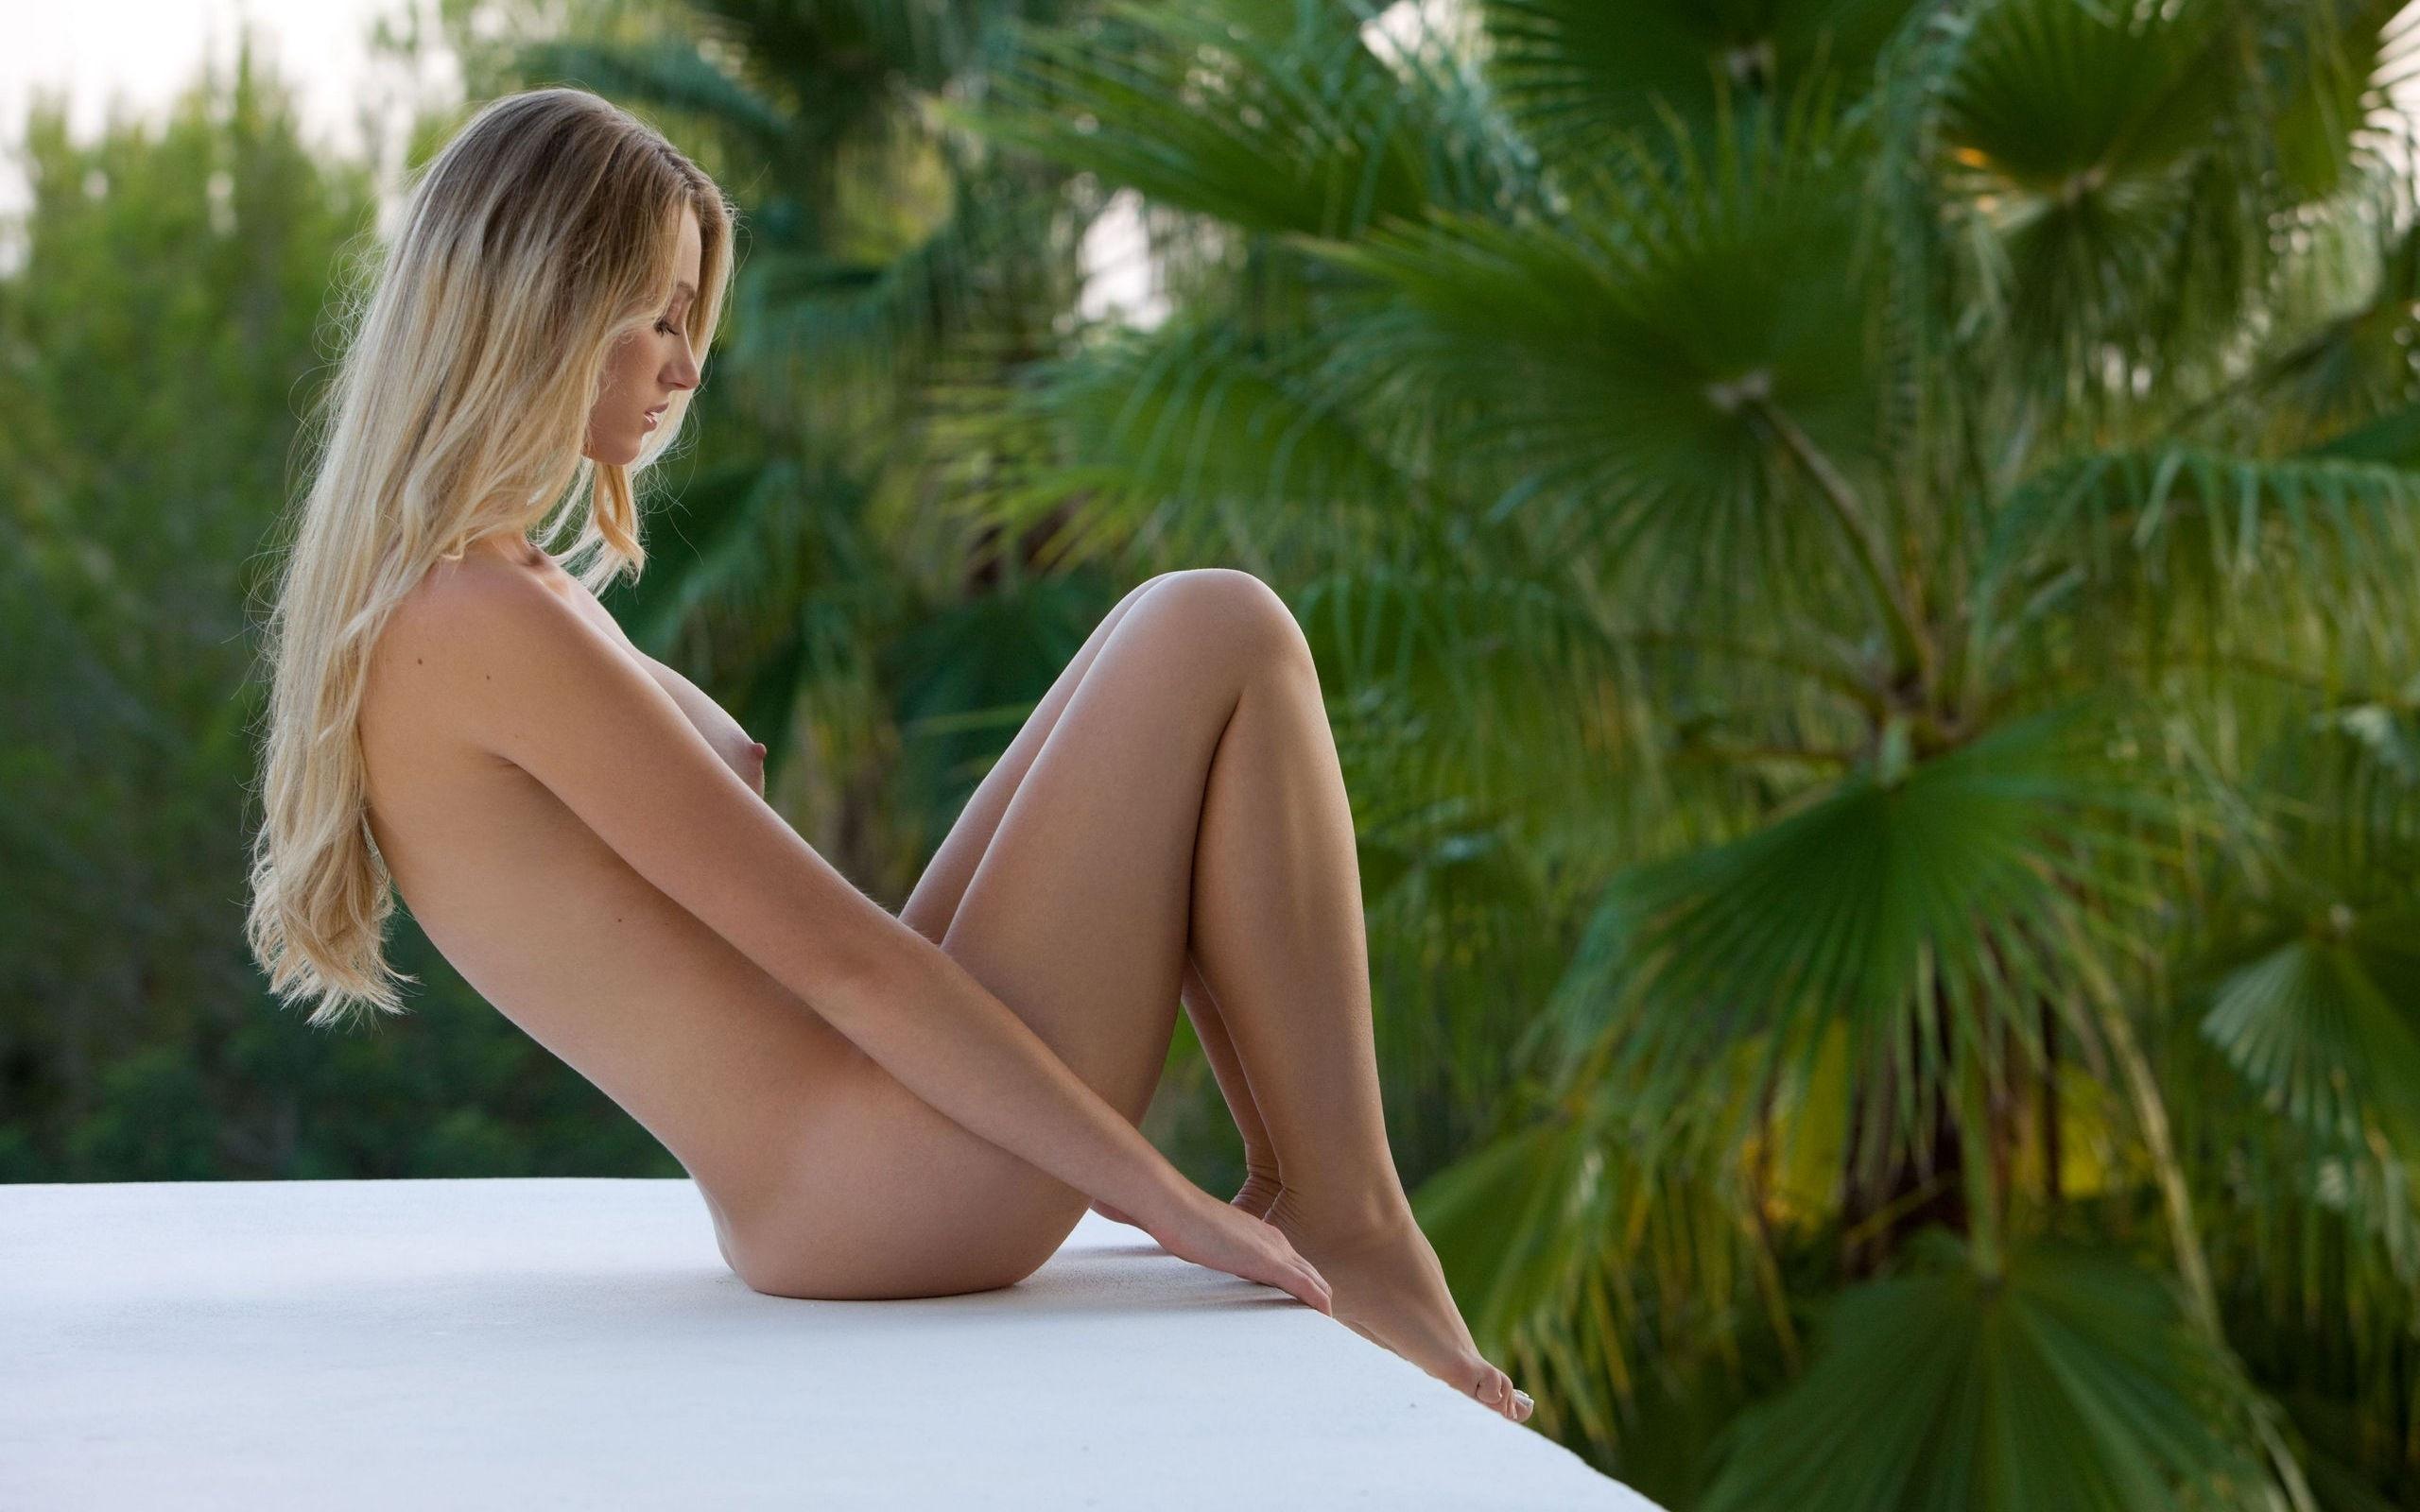 голые девушки на пальмах фото